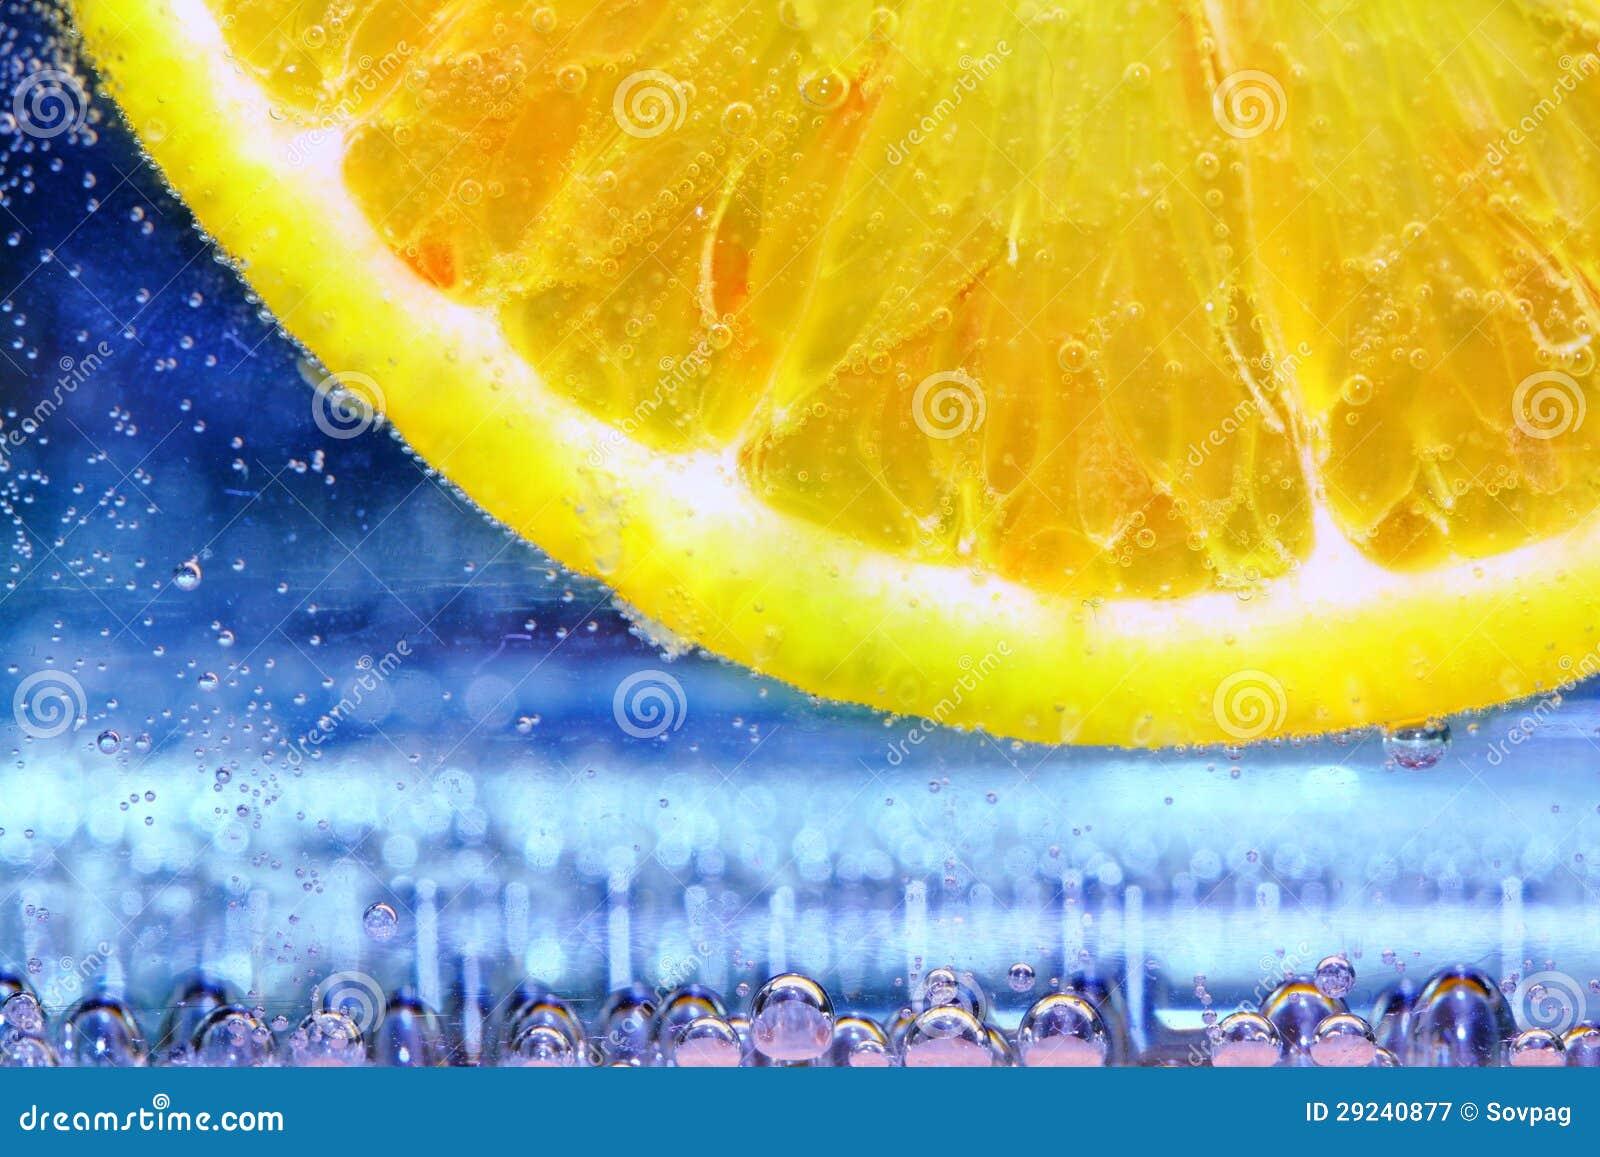 Download Fatia do limão imagem de stock. Imagem de frio, exotic - 29240877